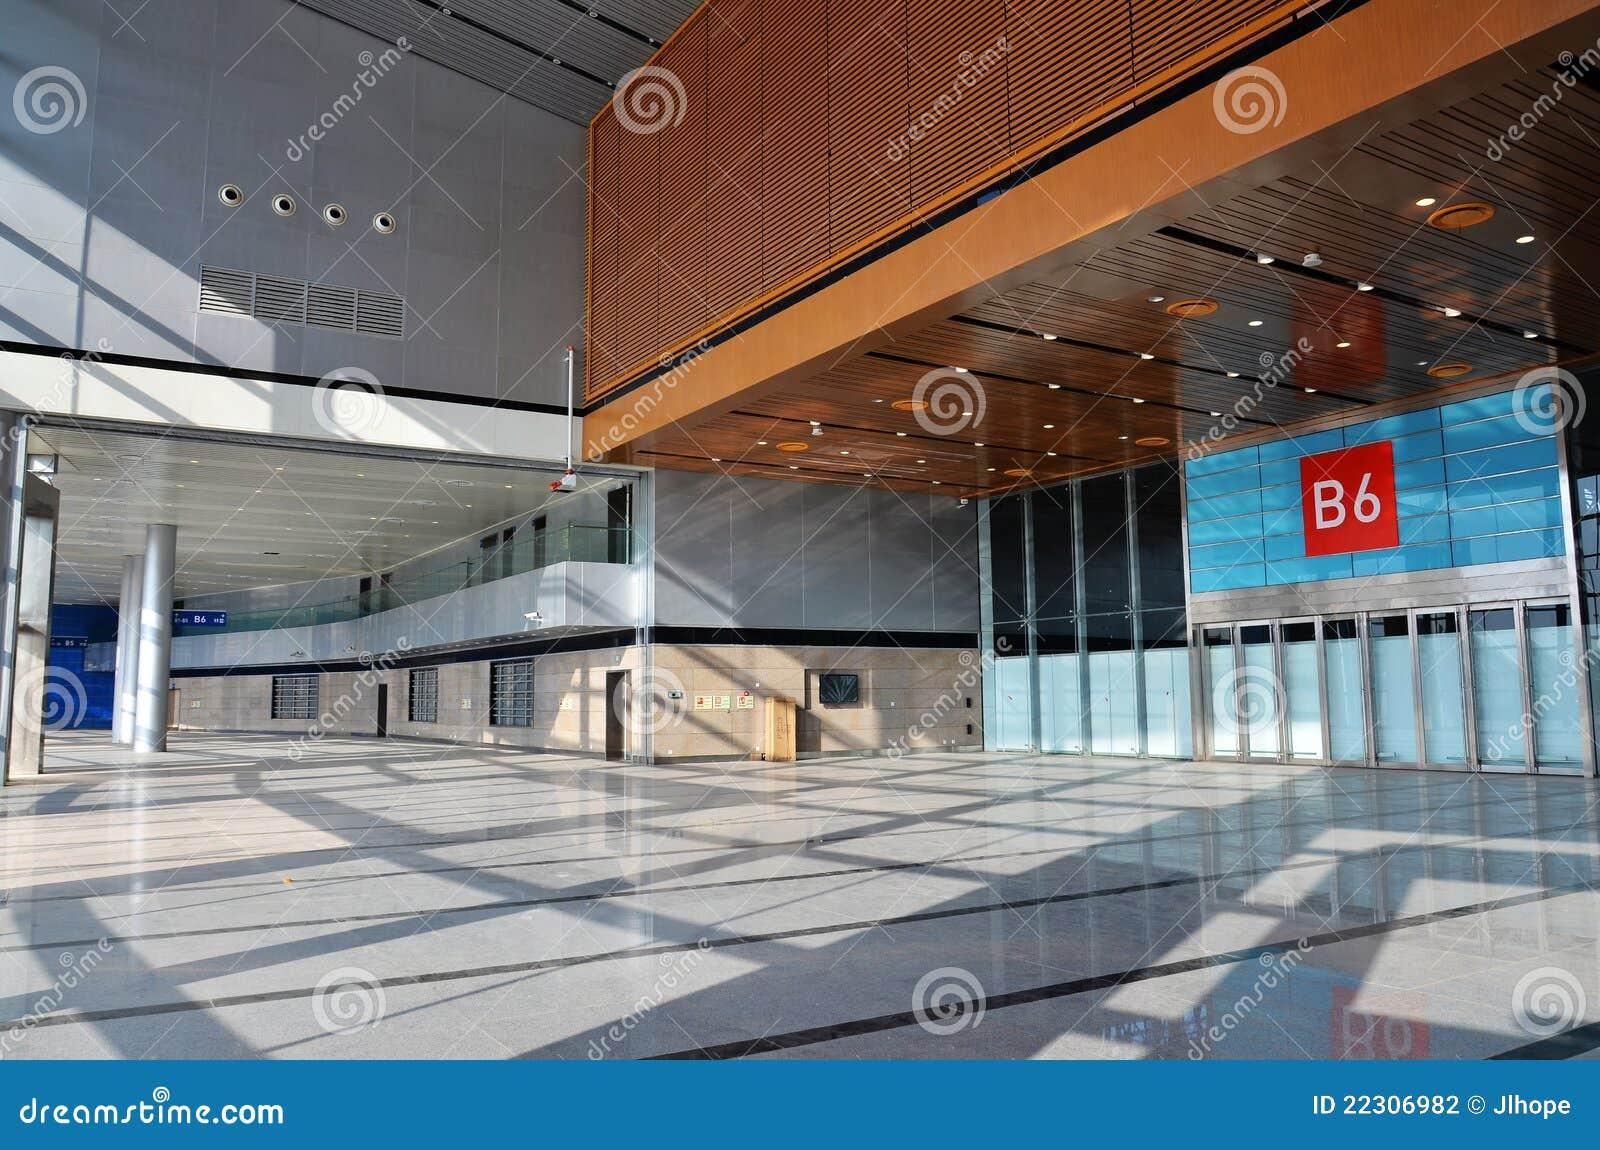 Empty exhibition hall